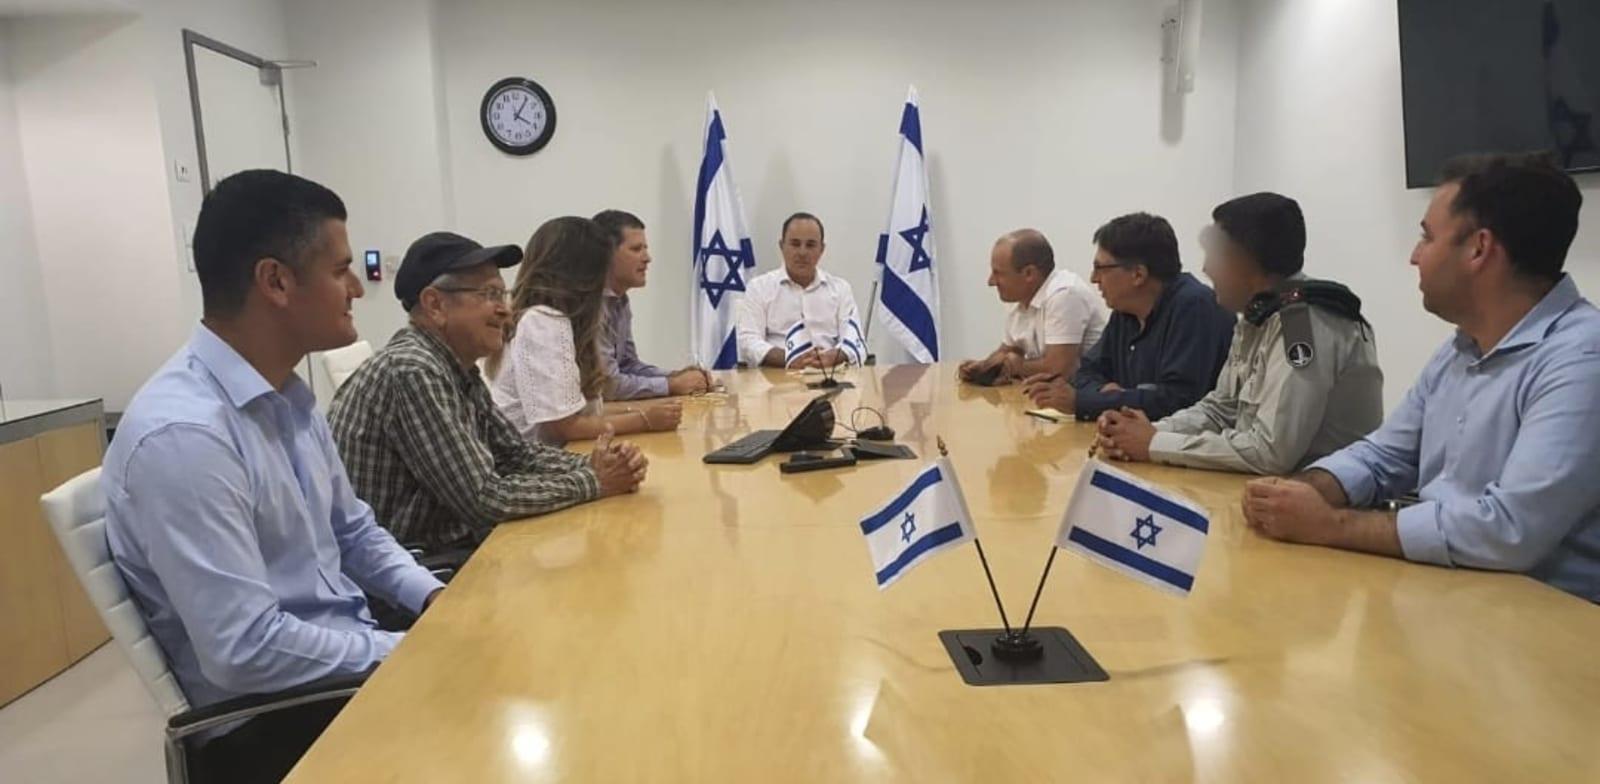 המשלחת למשא-ומתן עם לבנון ושר האנרגיה יובל שטייניץ / צילום: משרד האנרגיה